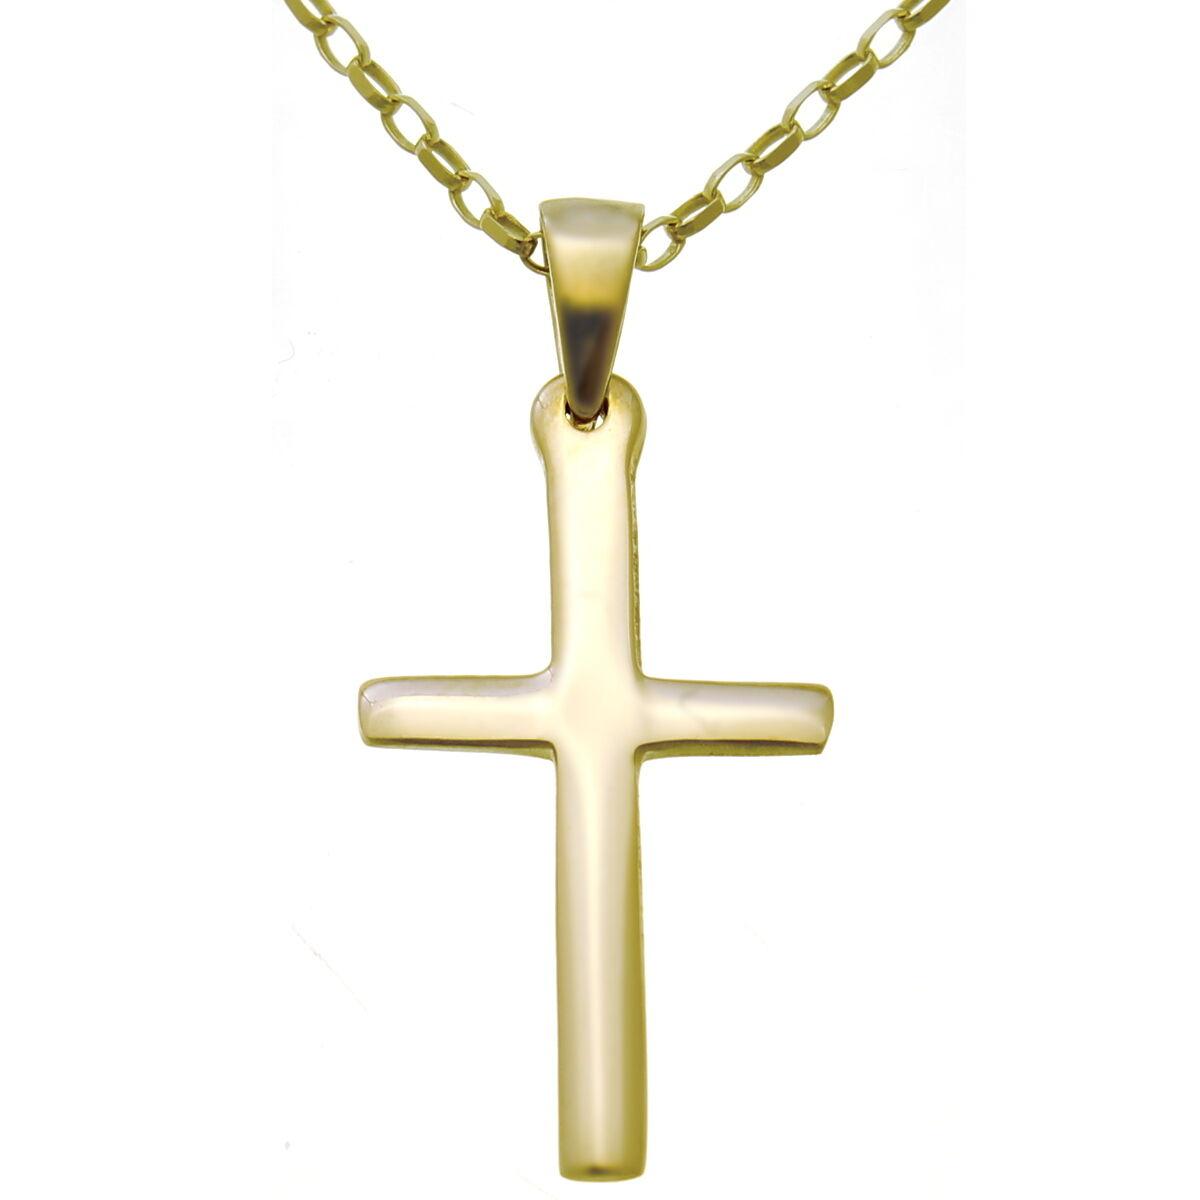 UOMO O DONNA SEMPLICE SEMPLICE SEMPLICE 9ct Pendente Croce d' oro COLLANA CON 45.7cm Catenina 1a4215